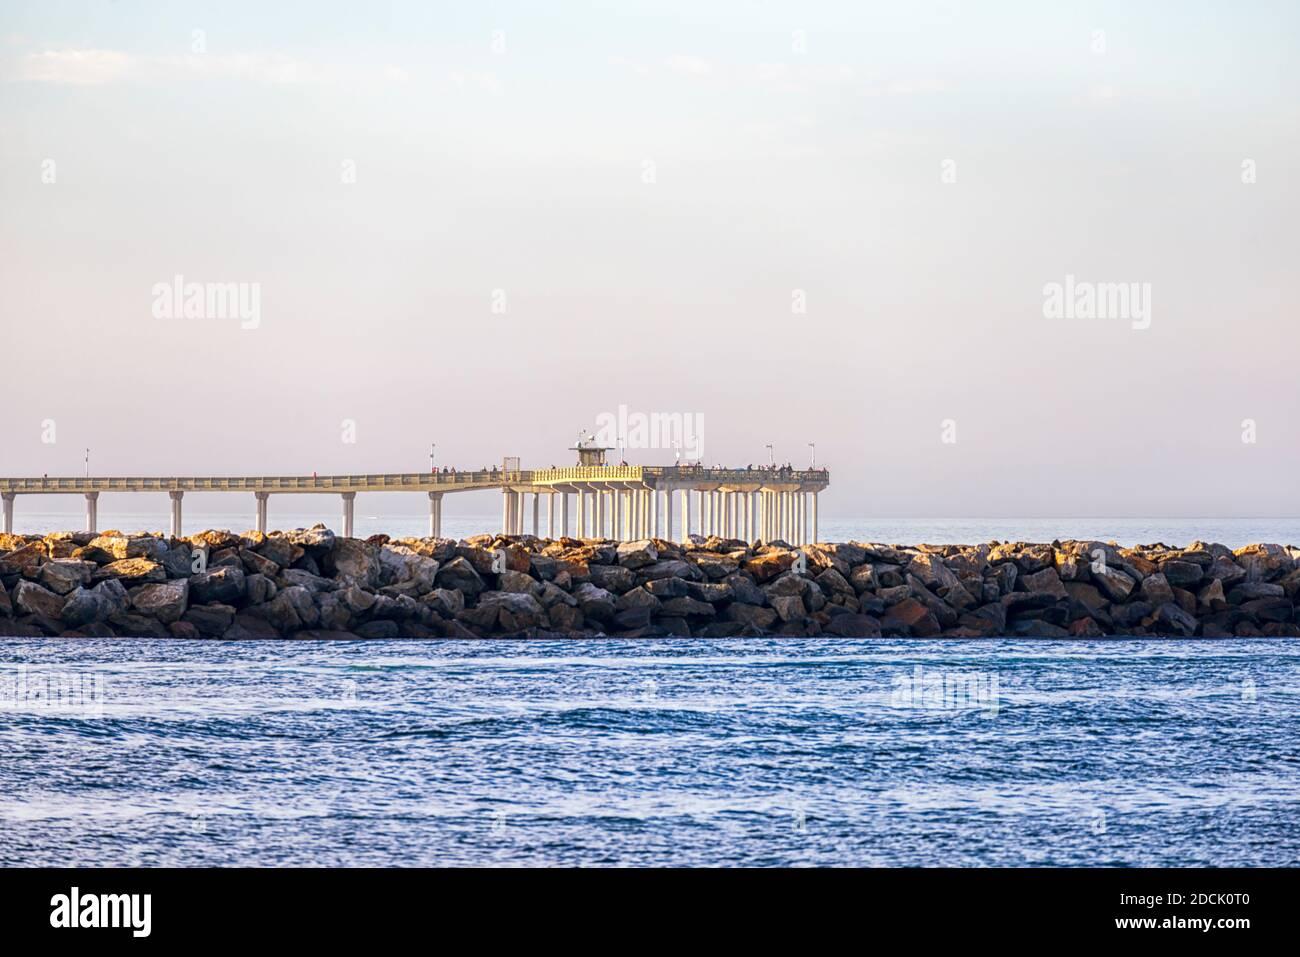 Vista de la costa con el muelle Mission Bay Channel y el muelle Ocean Beach. San Diego, California, Estados Unidos. Foto de stock